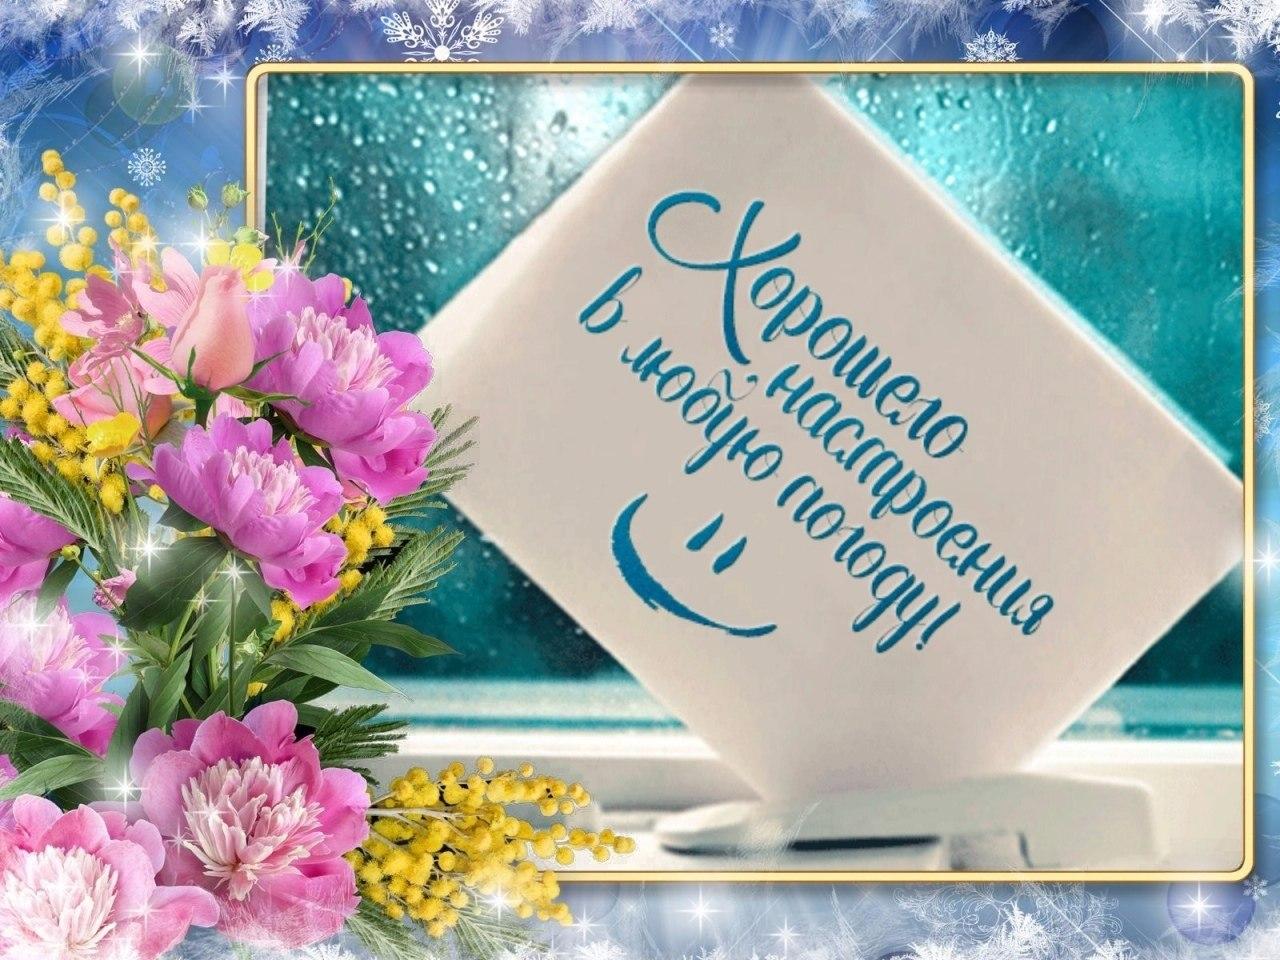 Открытки с добрым утром и хорошего настроения в любую погоду, для бабушке